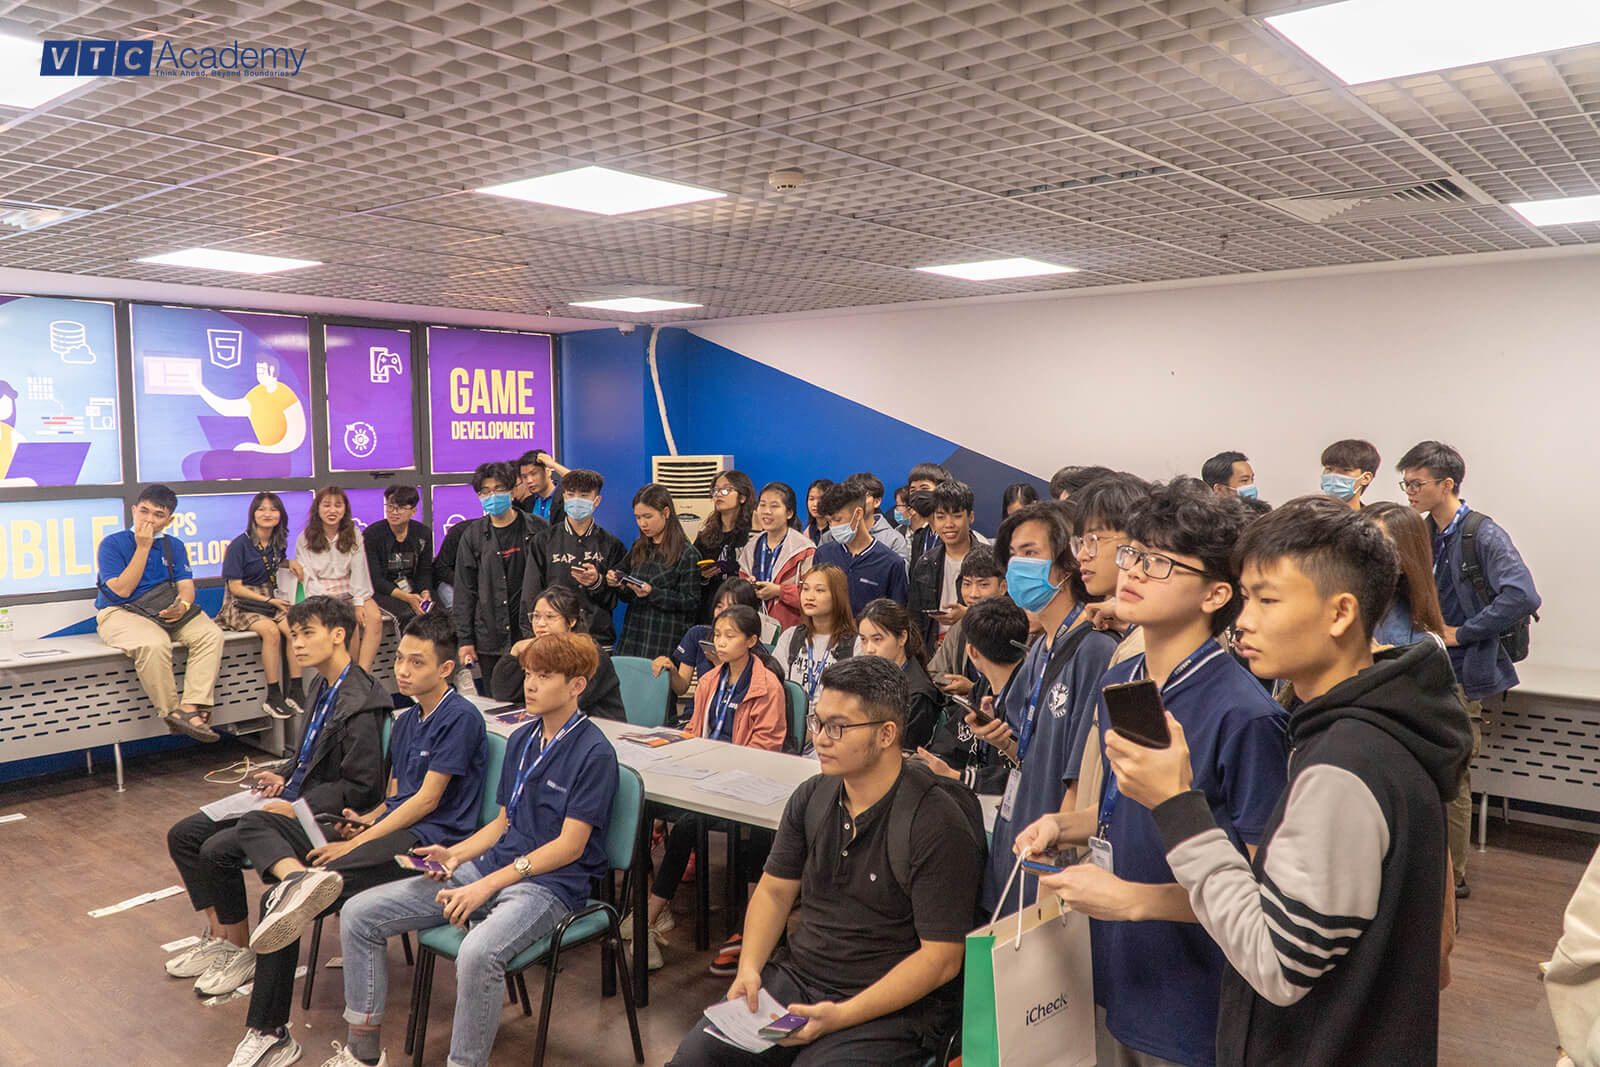 career-expo-vtc-academy-19